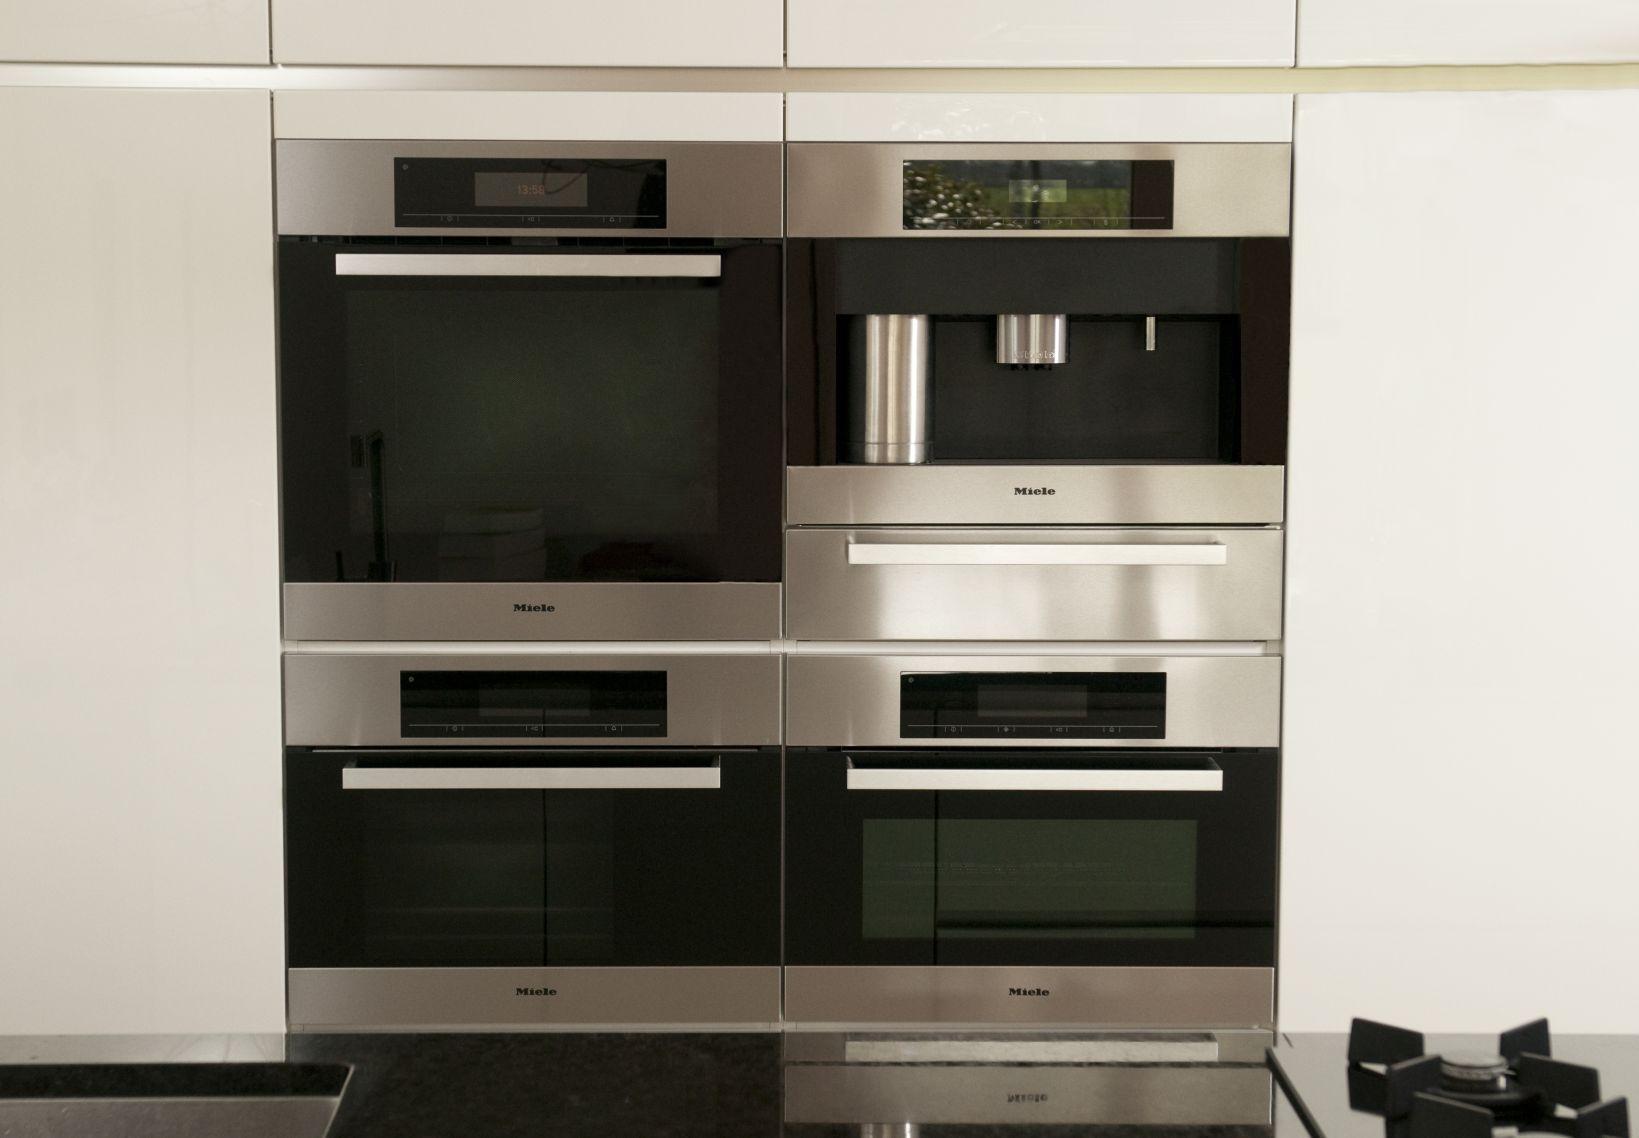 Keuken Drachten Quooker : Systemat keuken hoogglans greeploos met Miele en Quooker Twin Taps